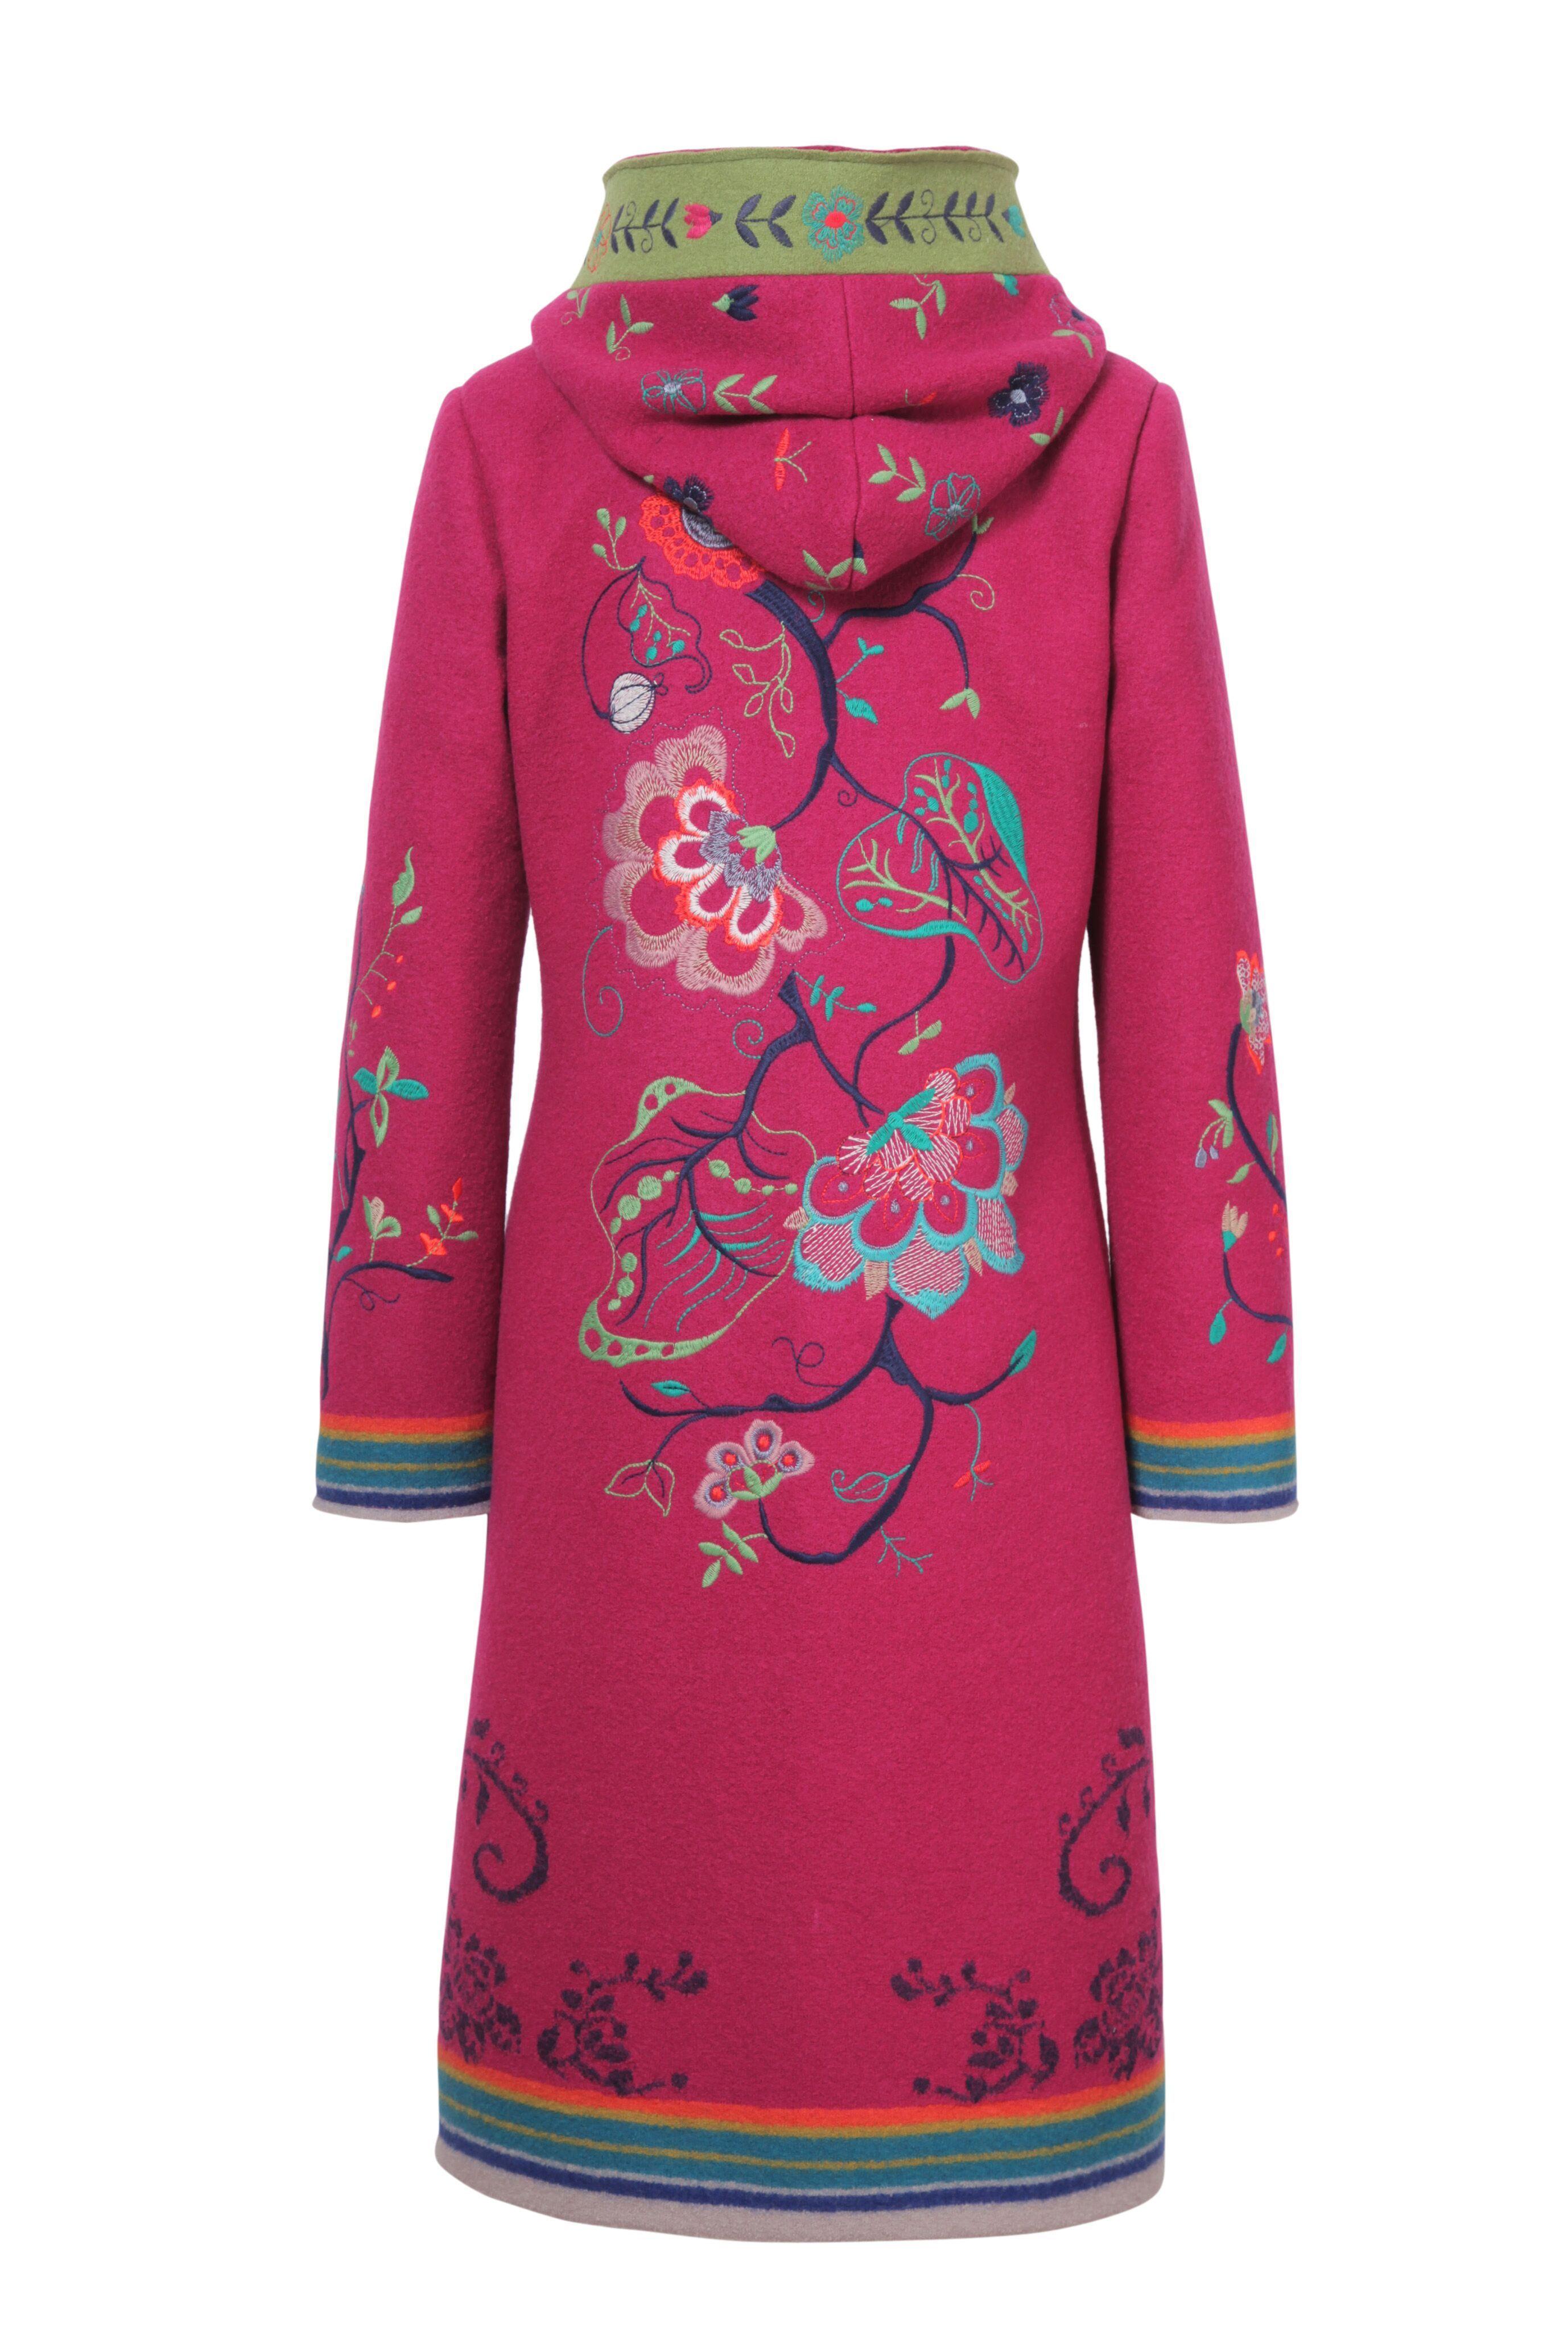 8b6796b8fa0 IVKO Boiled Wool Coat with Embroidery